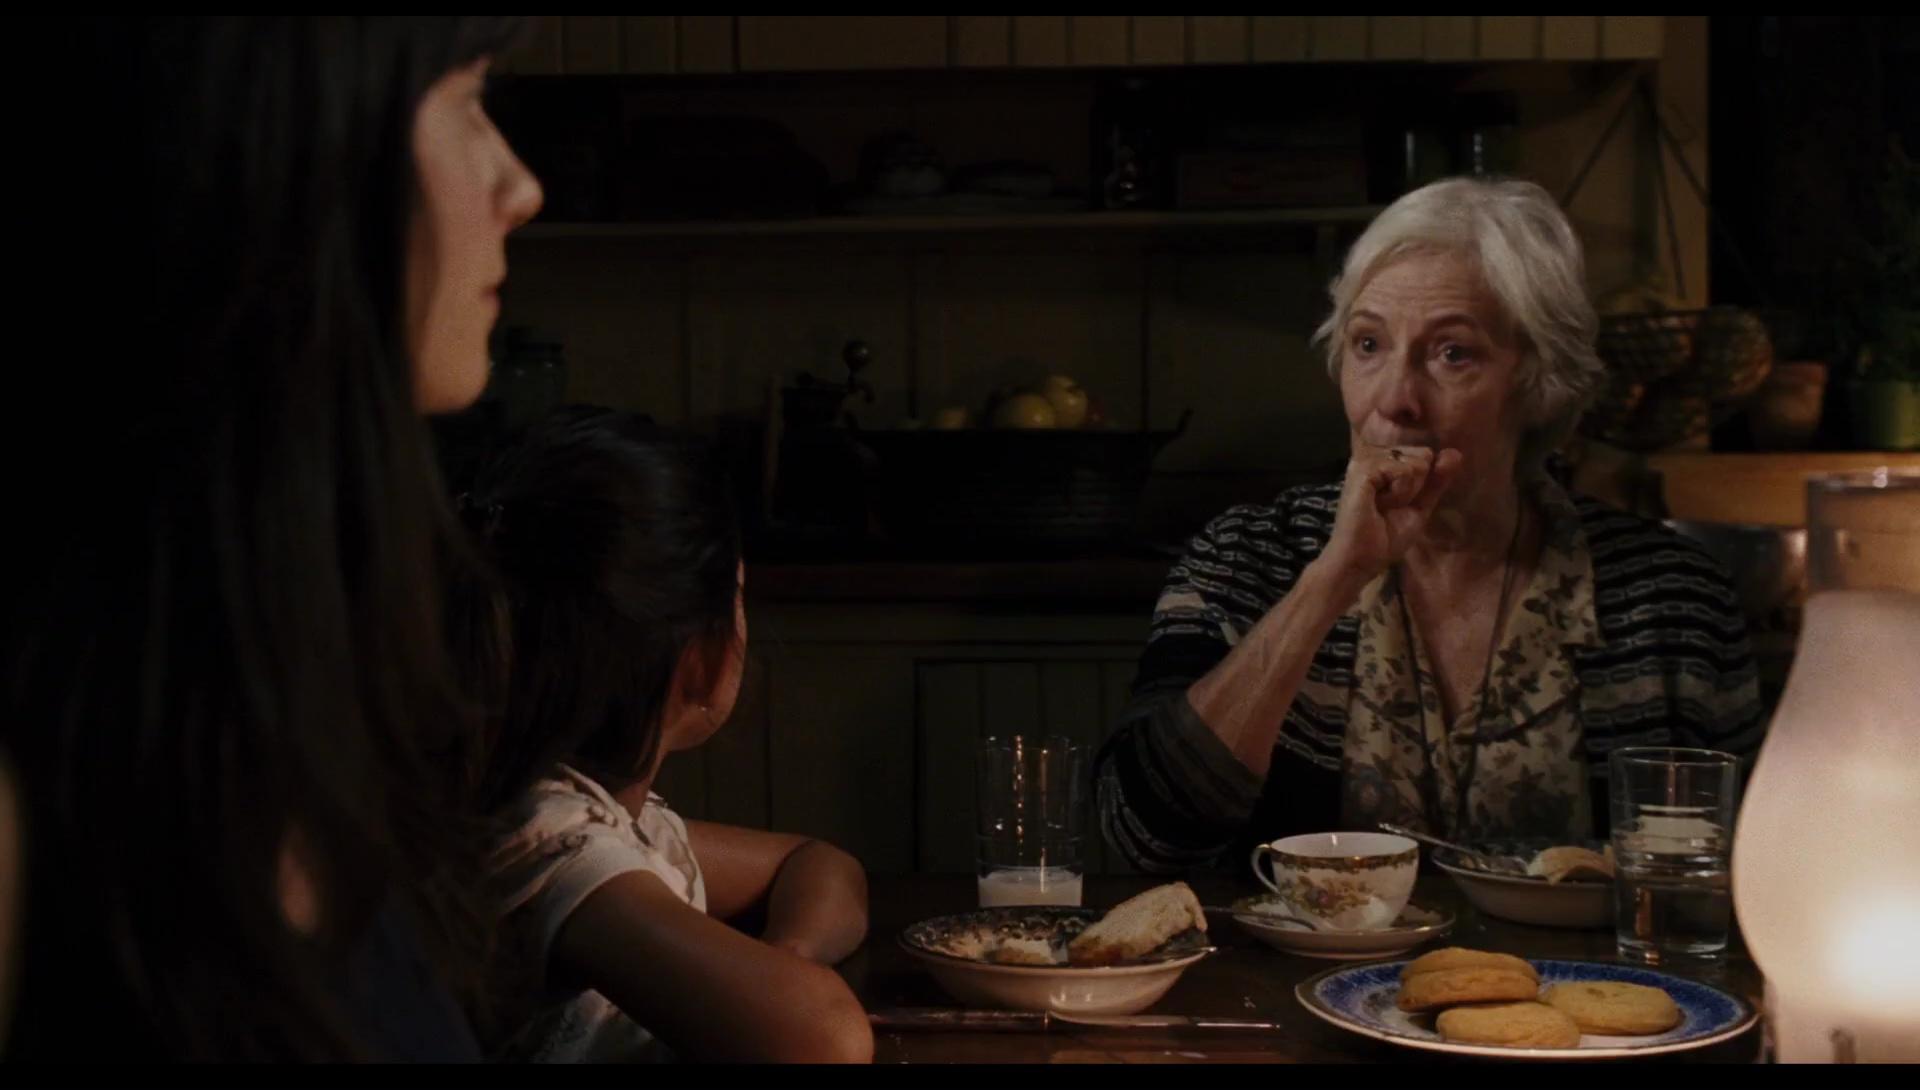 El Fin De Los Tiempos 1080p Lat-Cast-Ing 5.1 (2008)